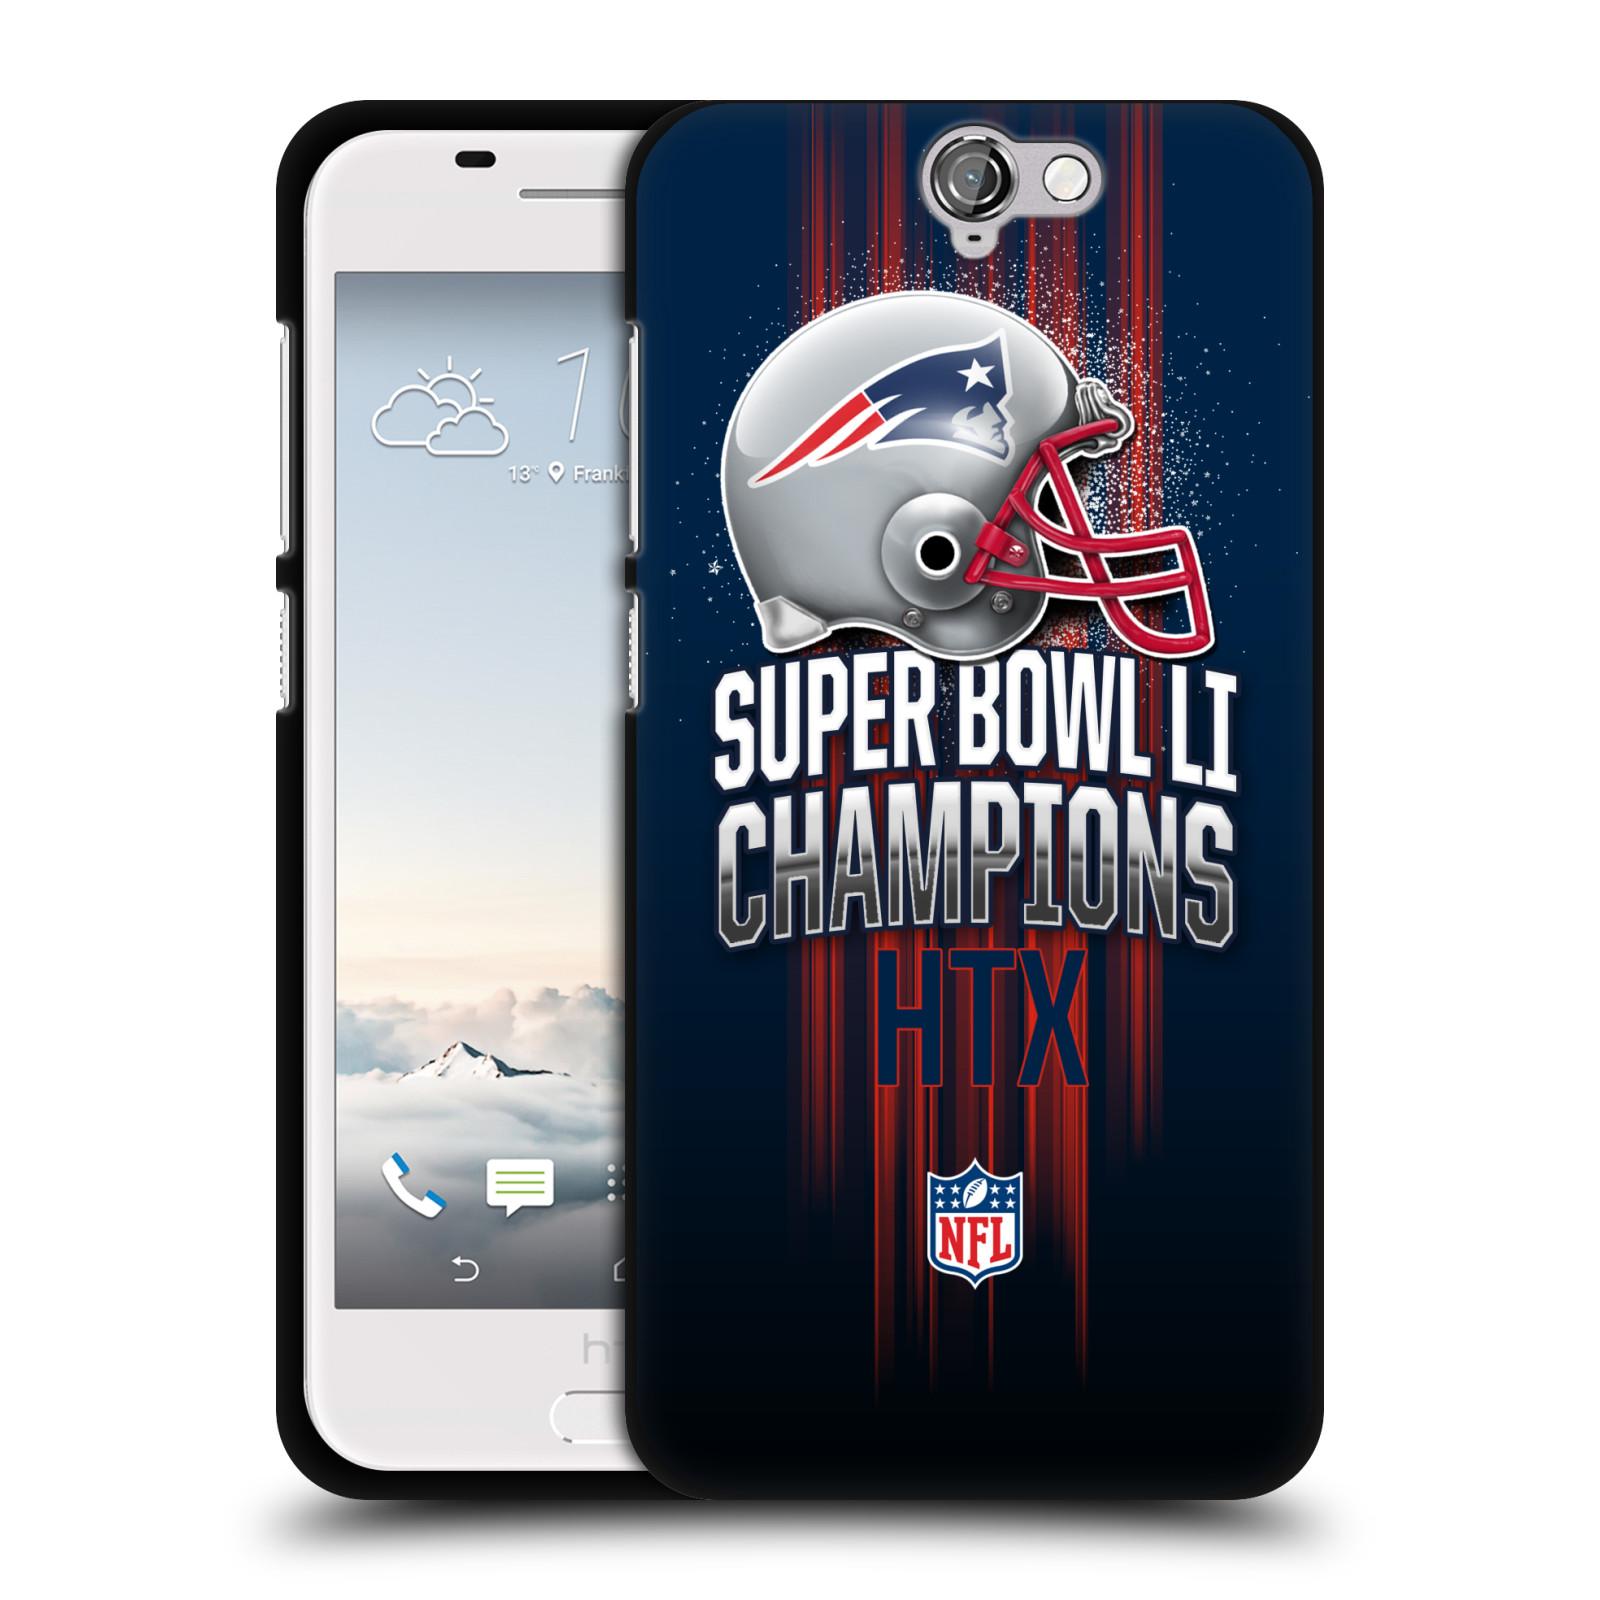 OFFICIAL-NFL-2017-SUPER-BOWL-LI-CHAMPION-BLACK-SOFT-GEL-CASE-FOR-HTC-PHONES